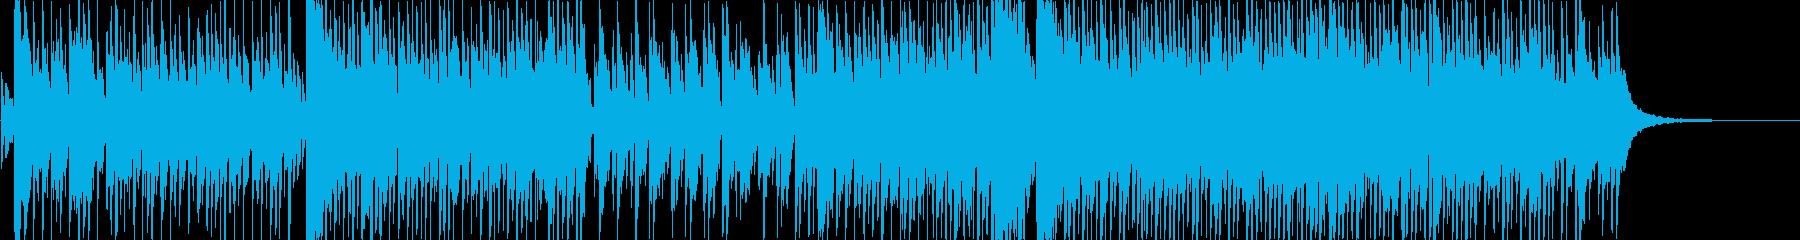 アイドルソング風のインスト楽曲の再生済みの波形